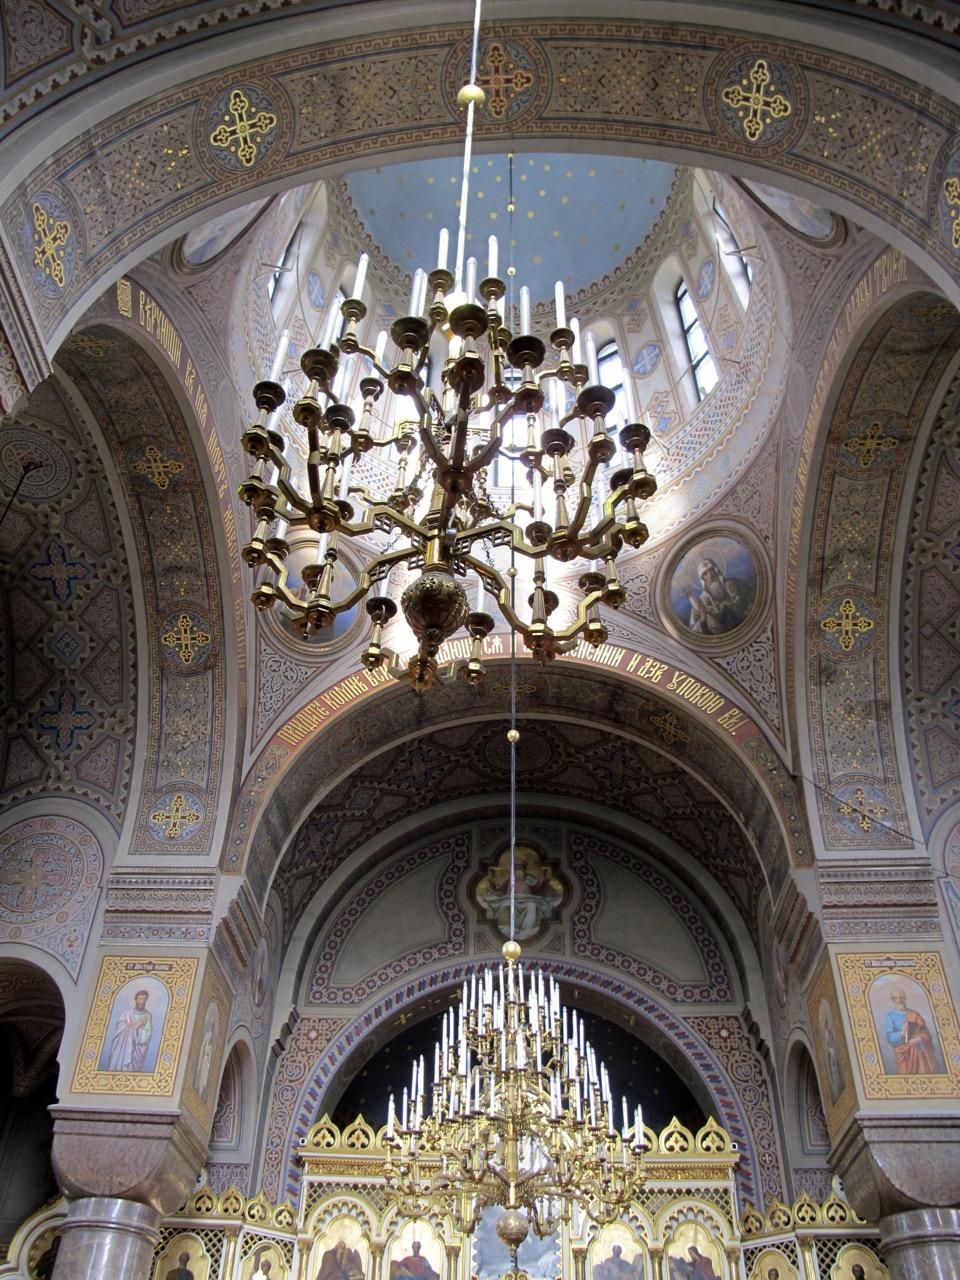 Die wunderschöne Kuppel von Innen.